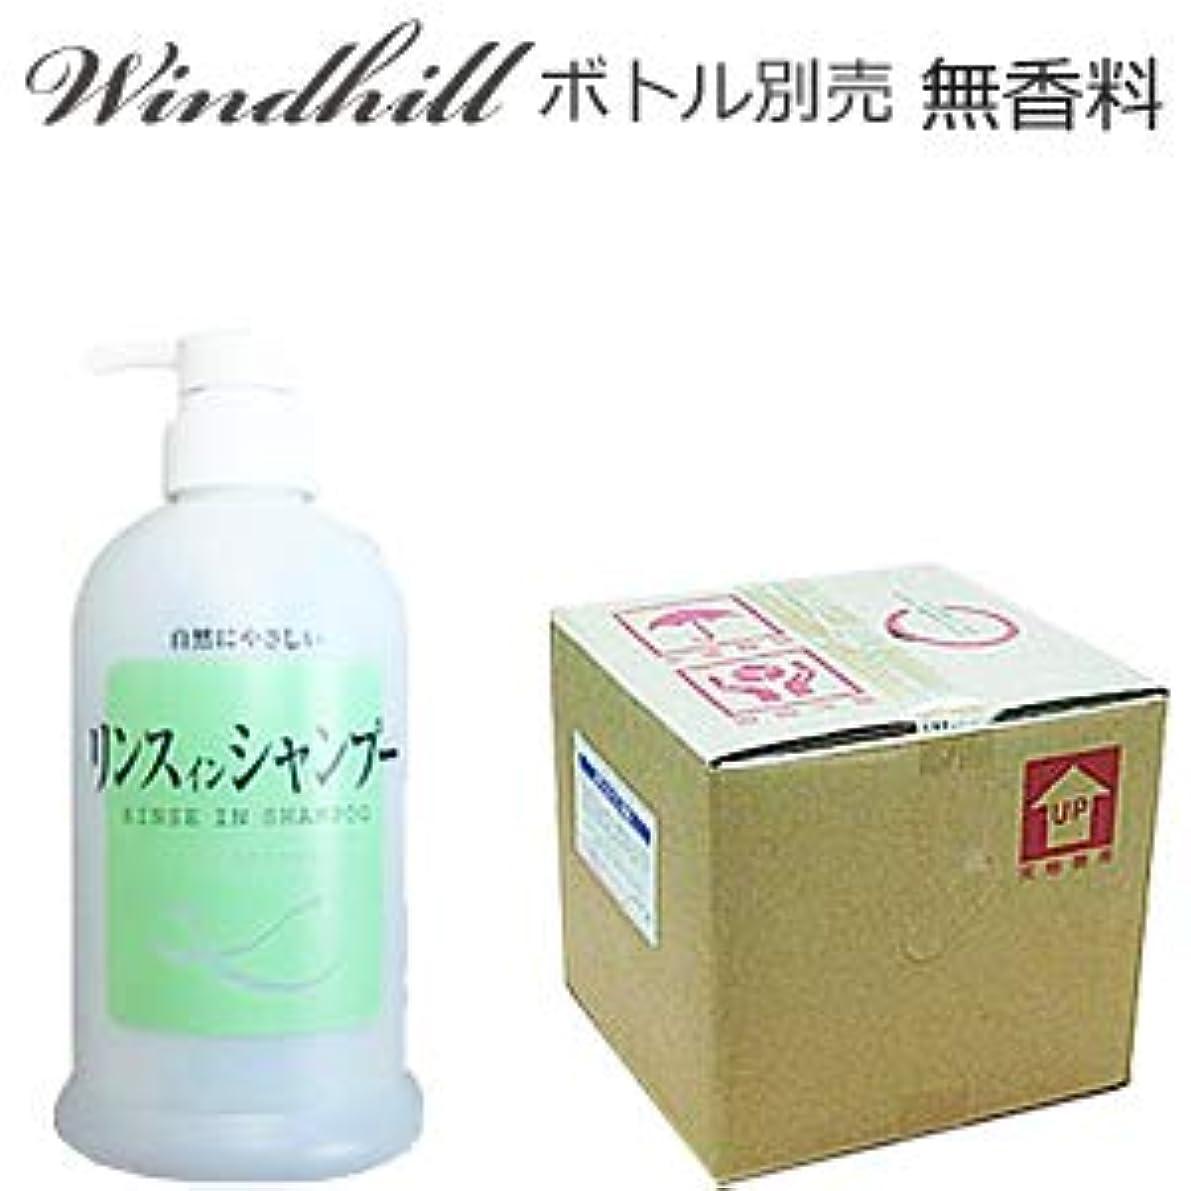 俳優大脳接地Windhill 植物性 業務用ボディソープ 無香料 20L(1セット20L入)